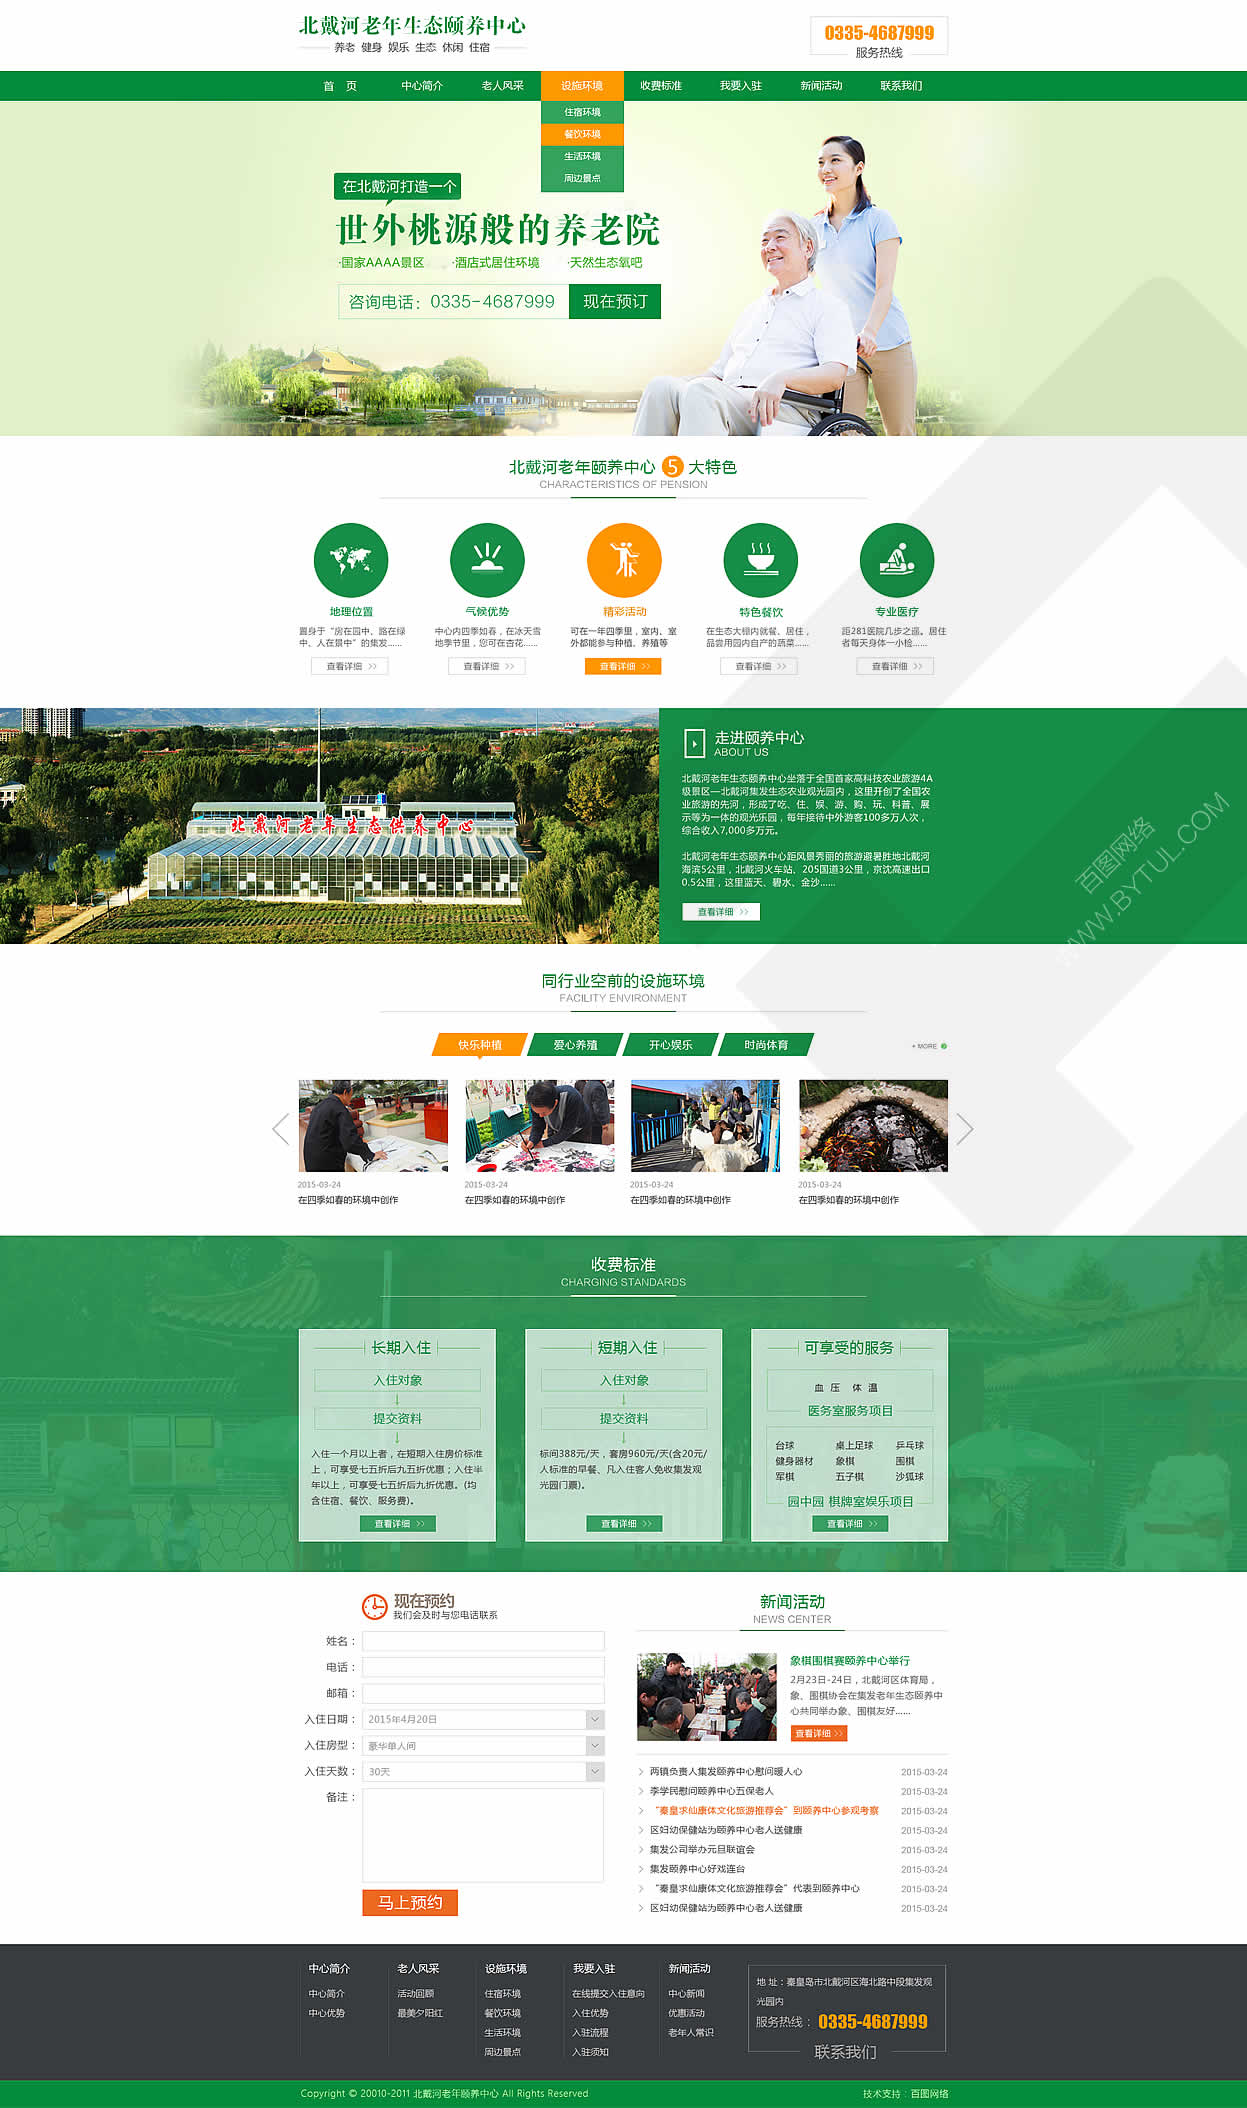 北戴河老年生态颐养中心坐落于全国首家高科技农业旅游4a级